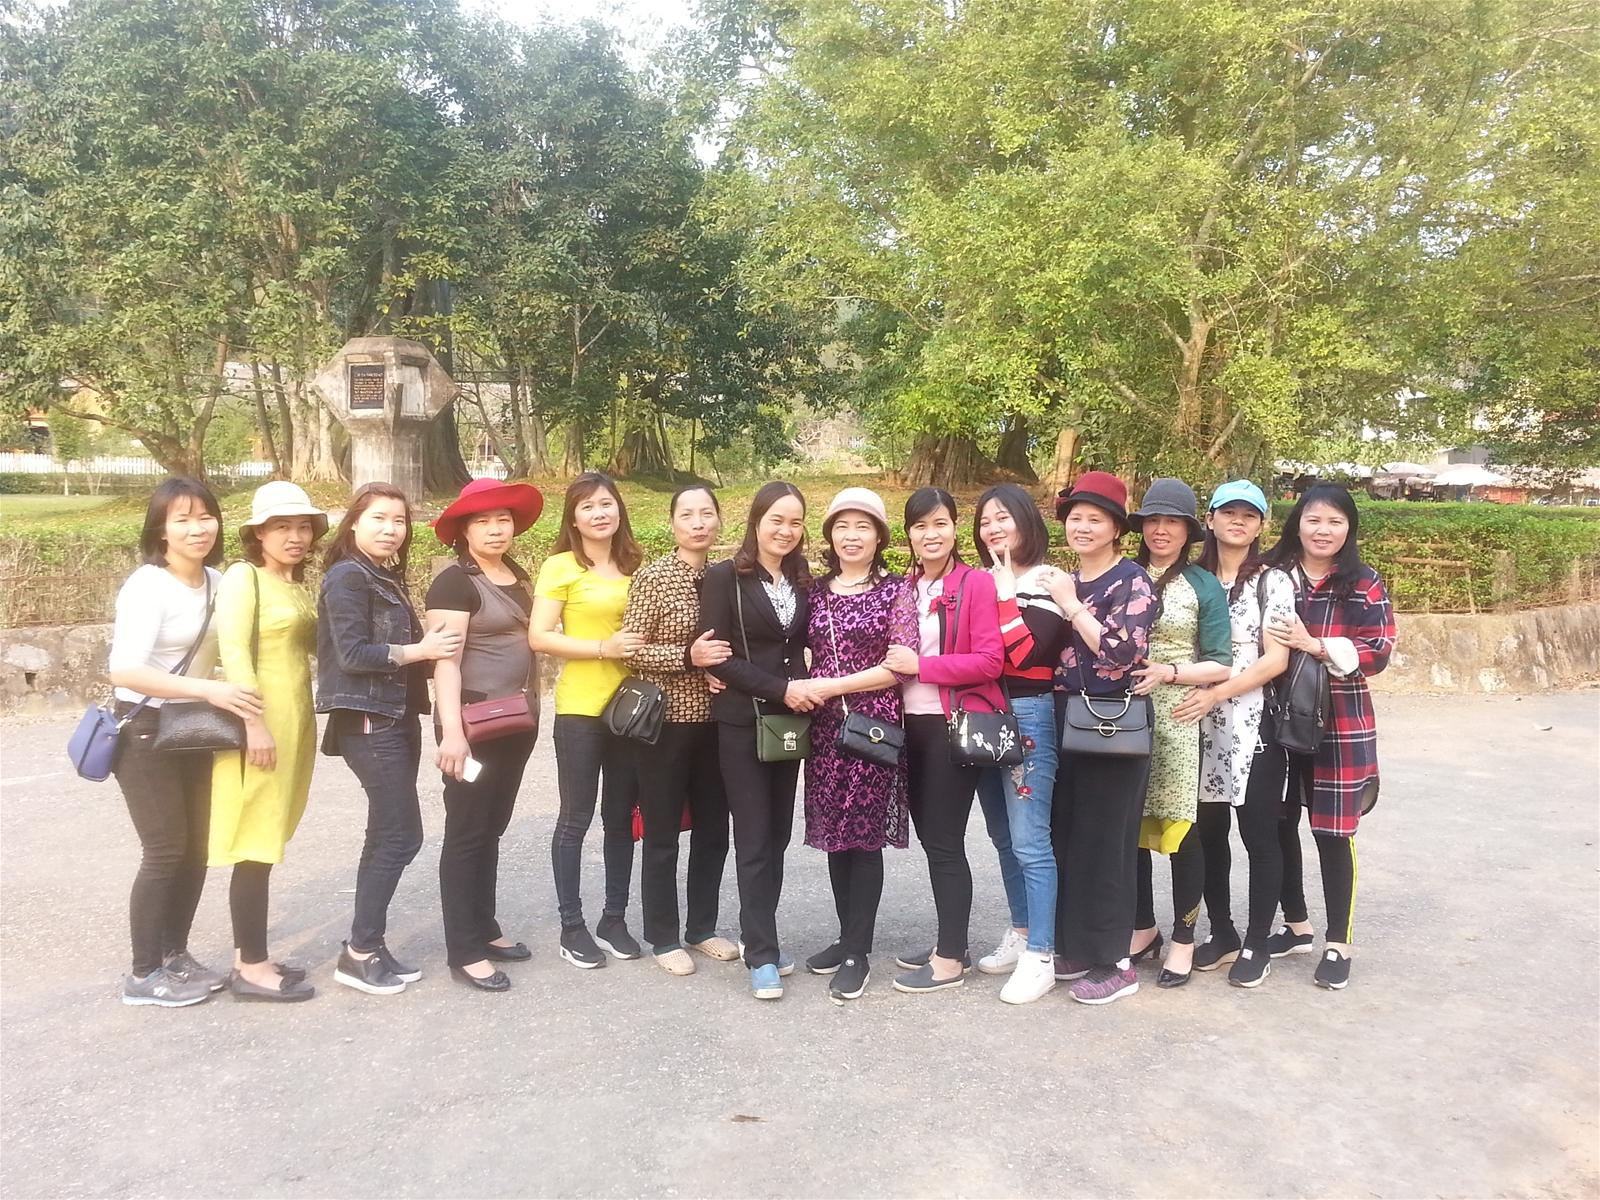 Đoàn cán bộ giáo viên, nhân viên chụp ảnh lưu niệm tại Cây đa Tân Trào ngày 10-3-2018